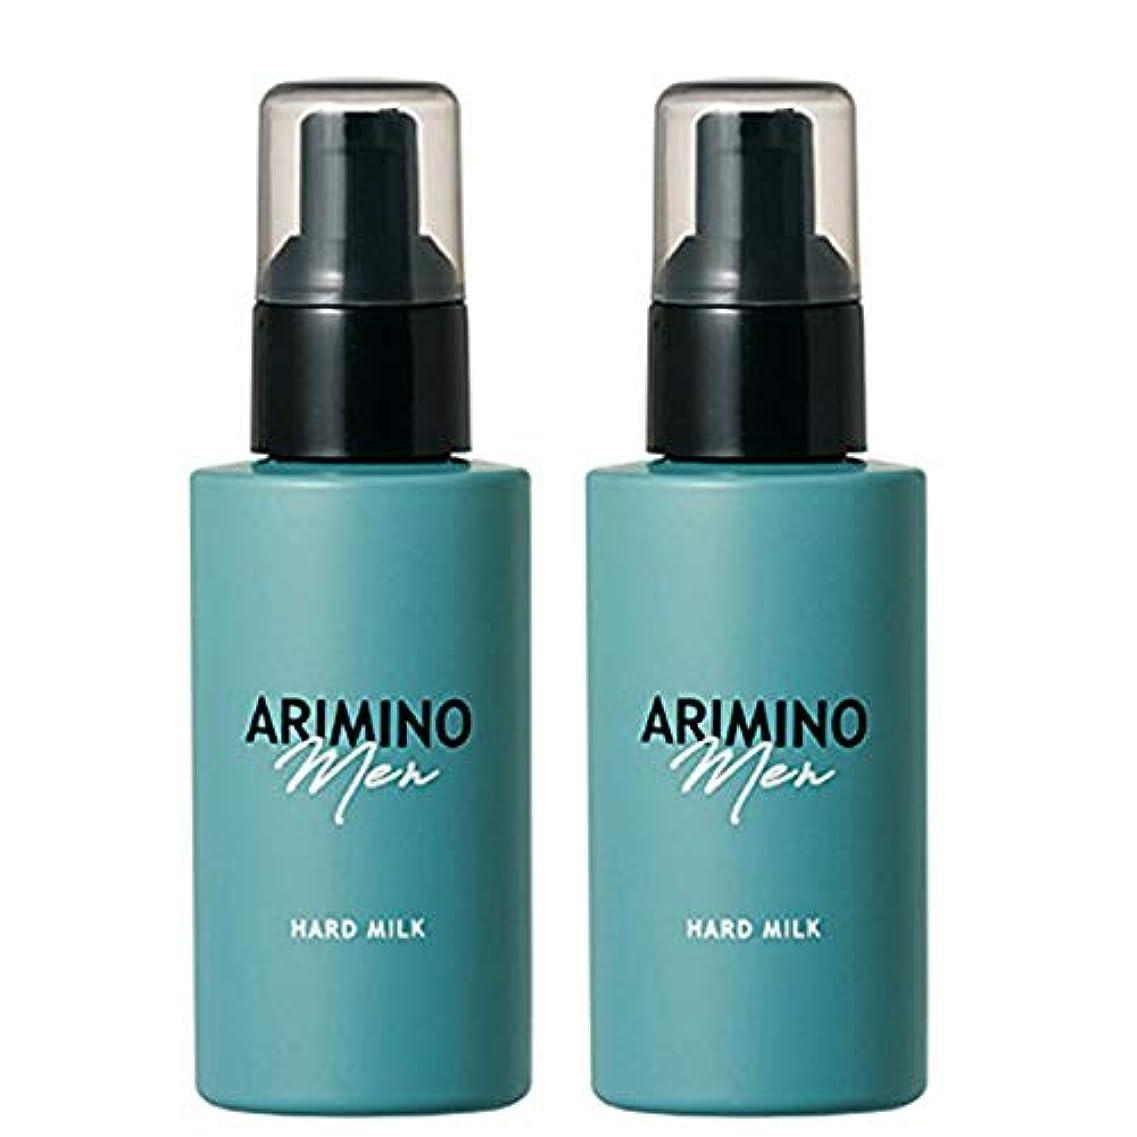 倒産経営者バッフルアリミノ メン ハード ミルク 100g ×2個 セット arimino men